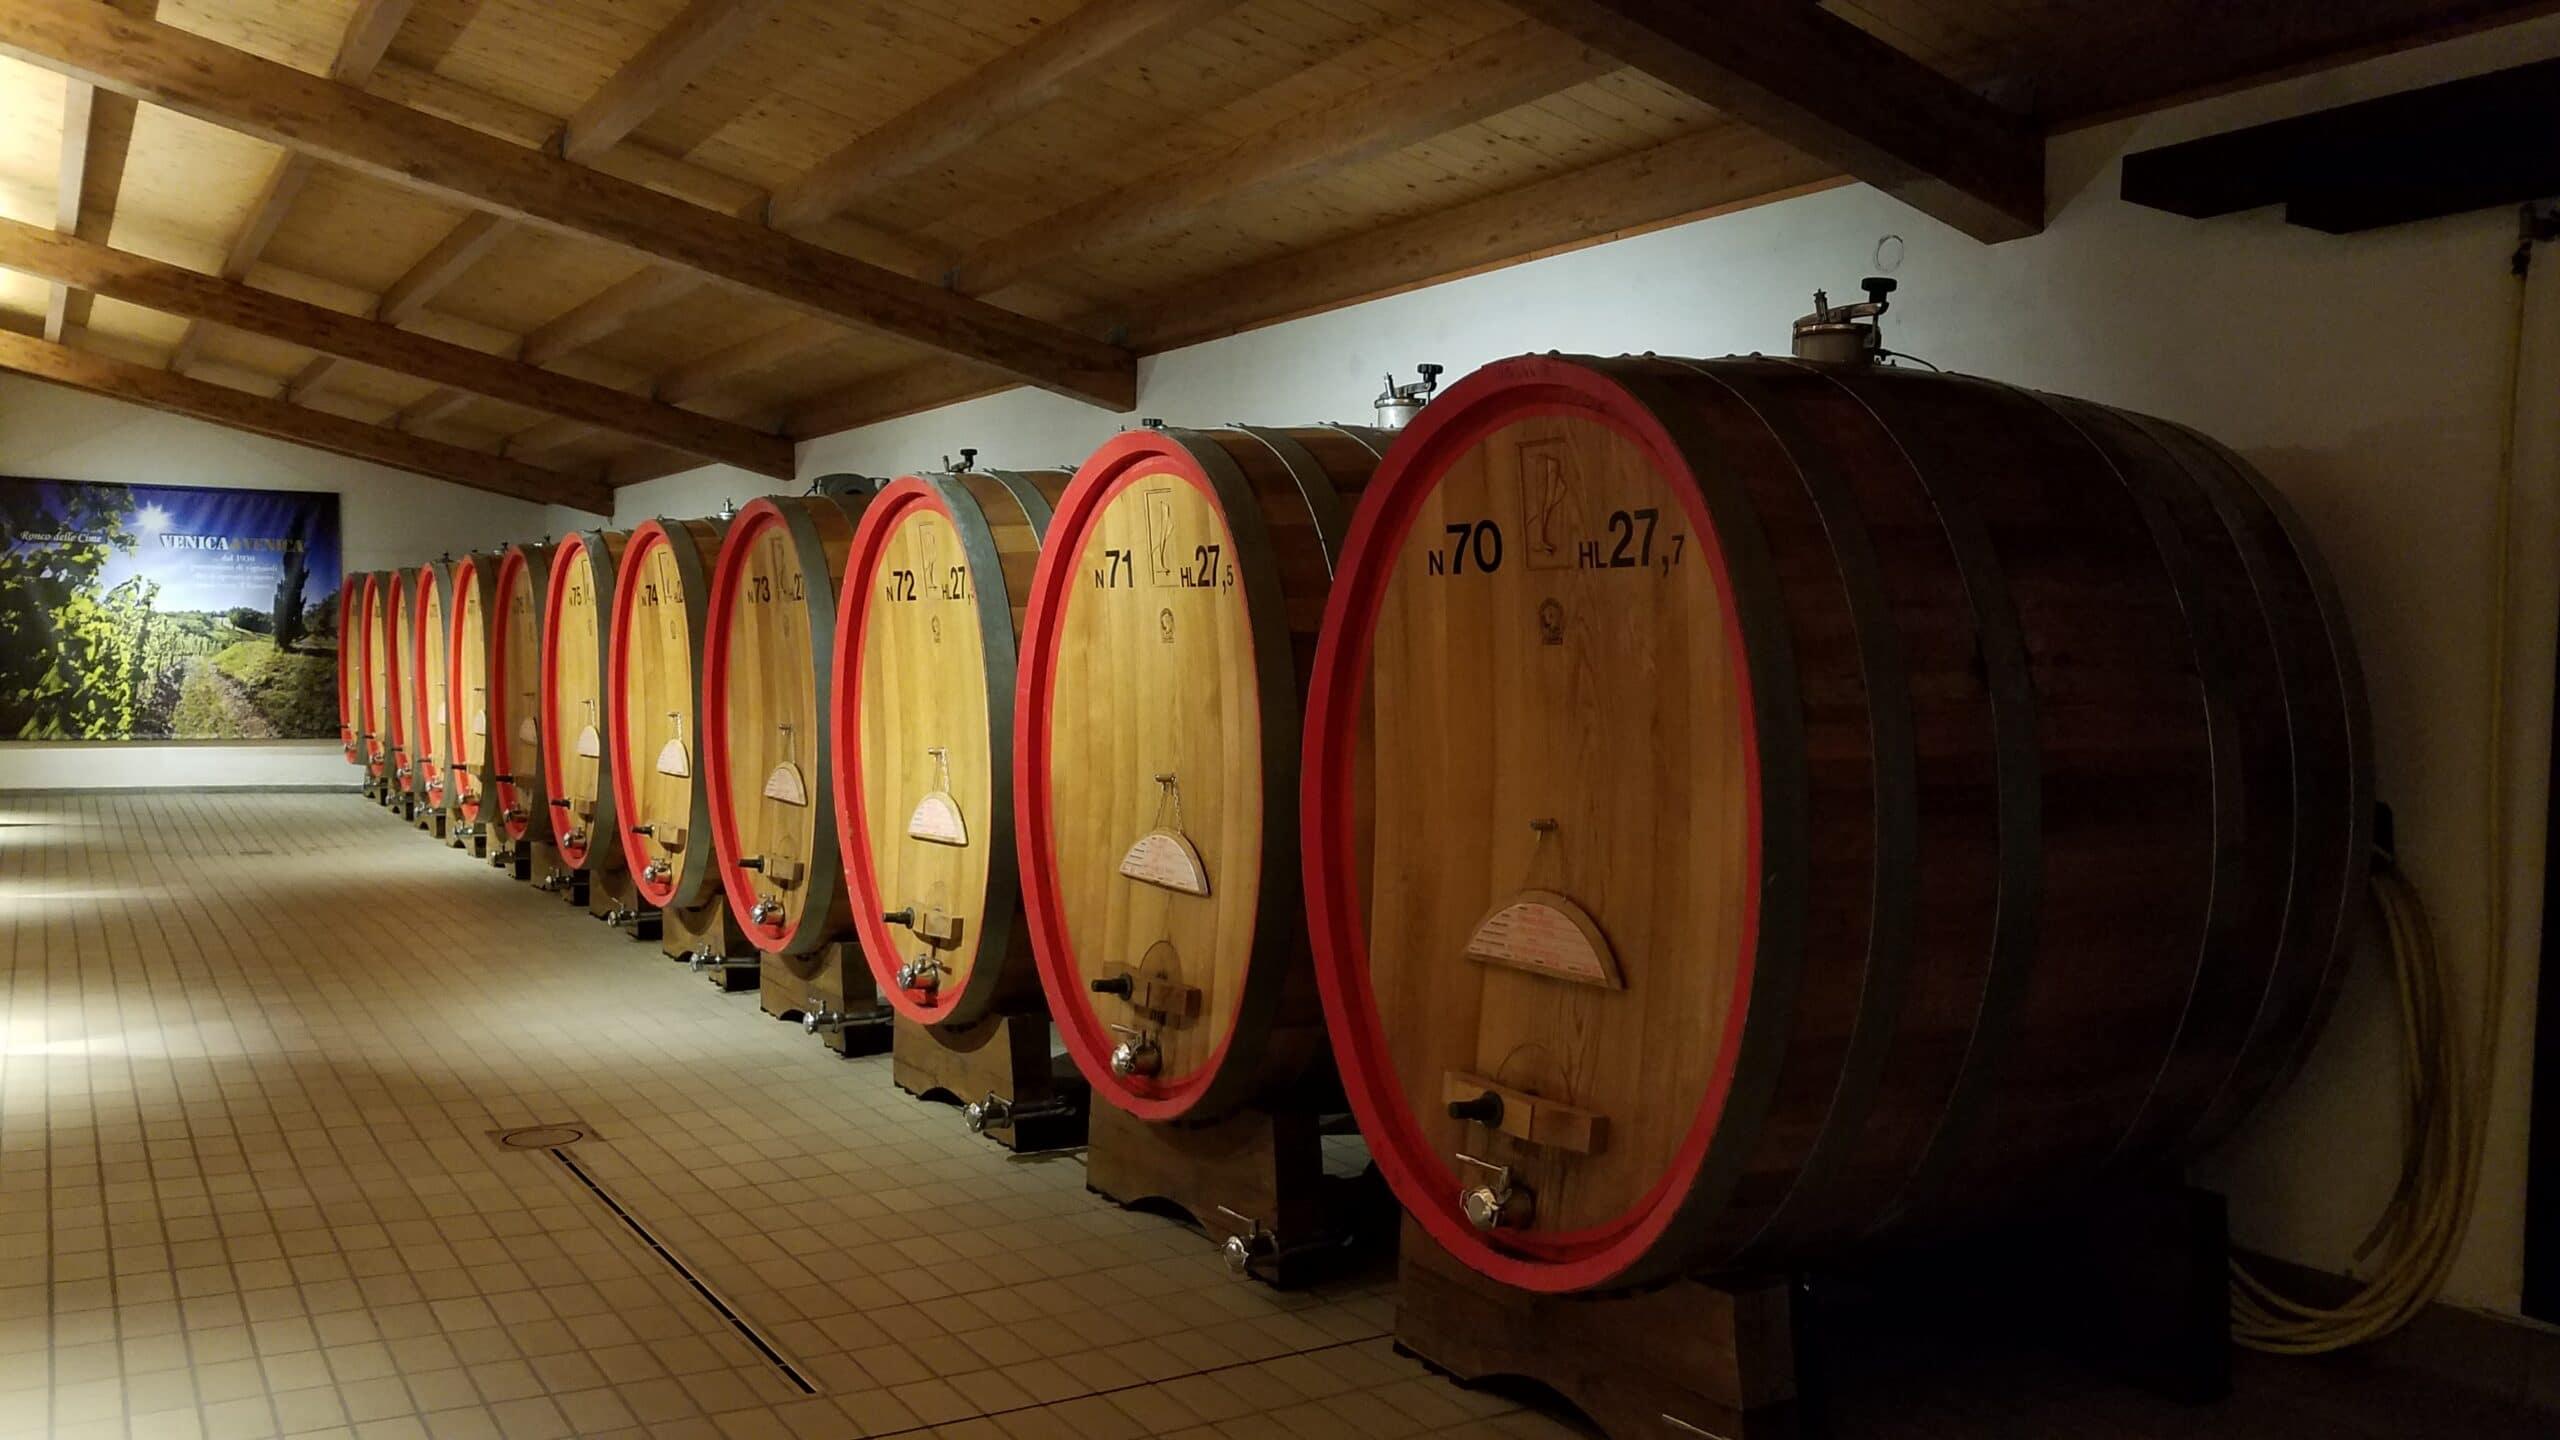 Collio wine region in Friuli